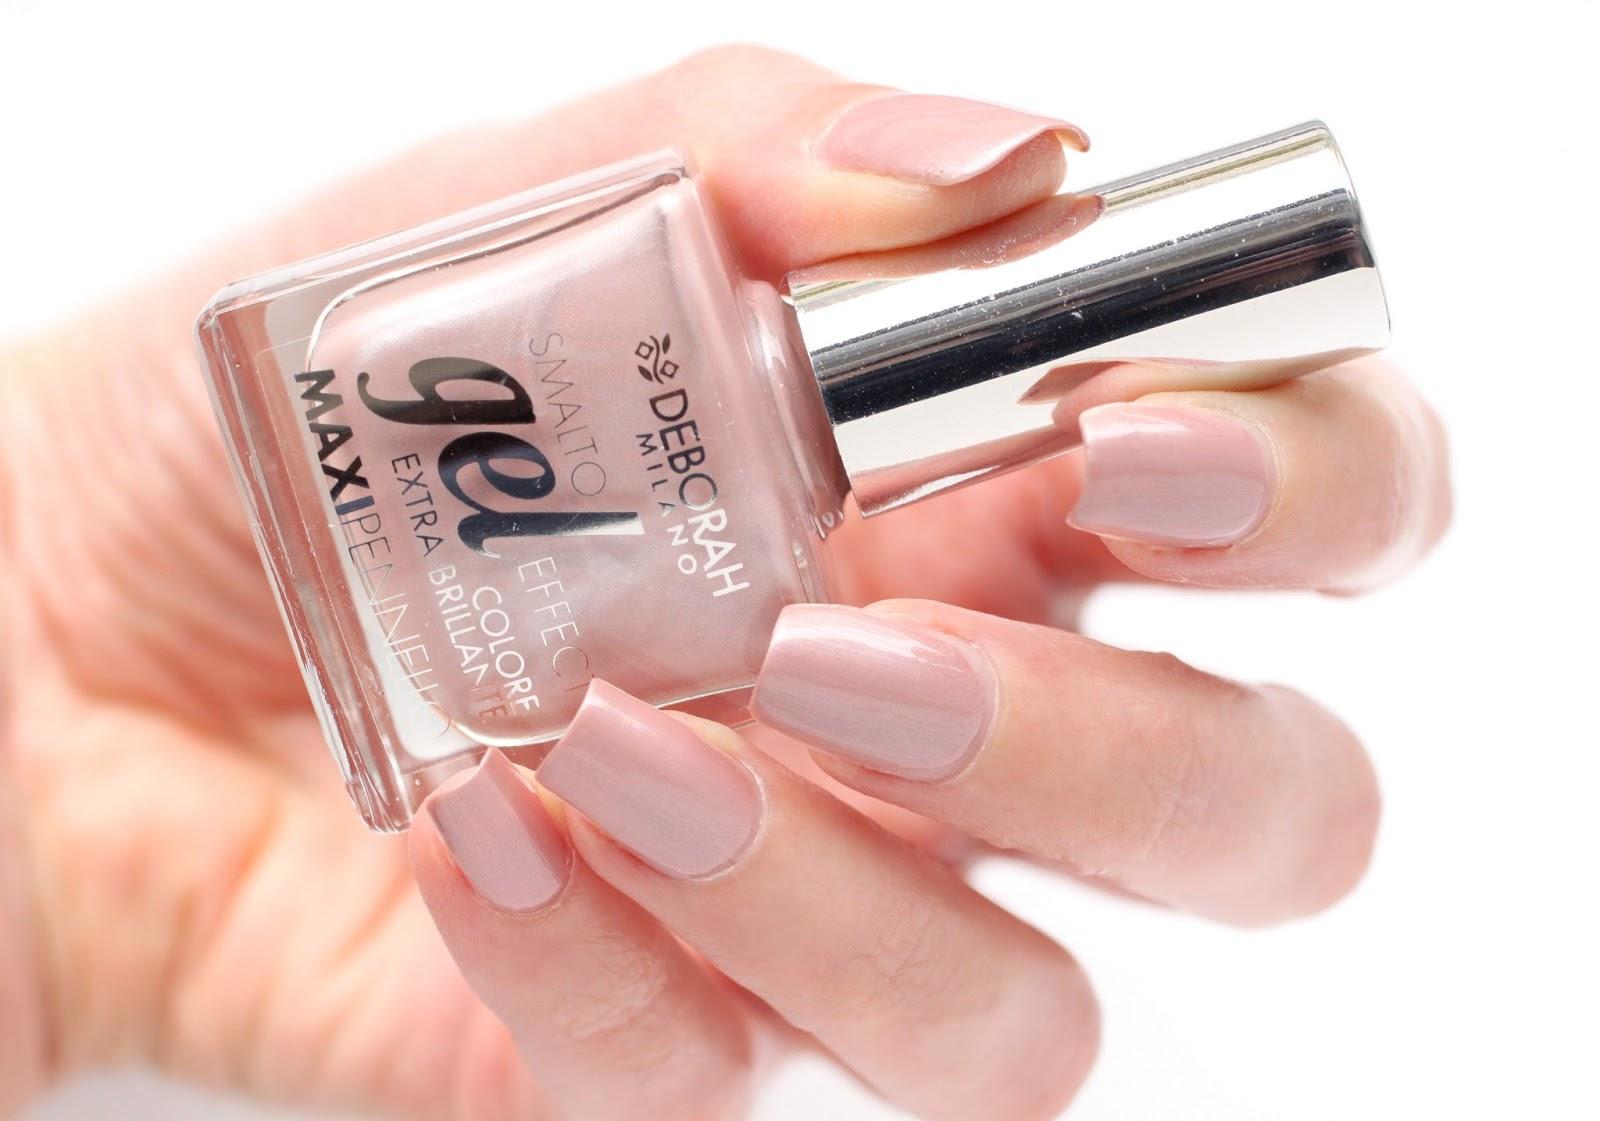 02 Nude Lingerie, 03 Nude Caramel & 30 Cammeo Pink de Deborah Milano ...